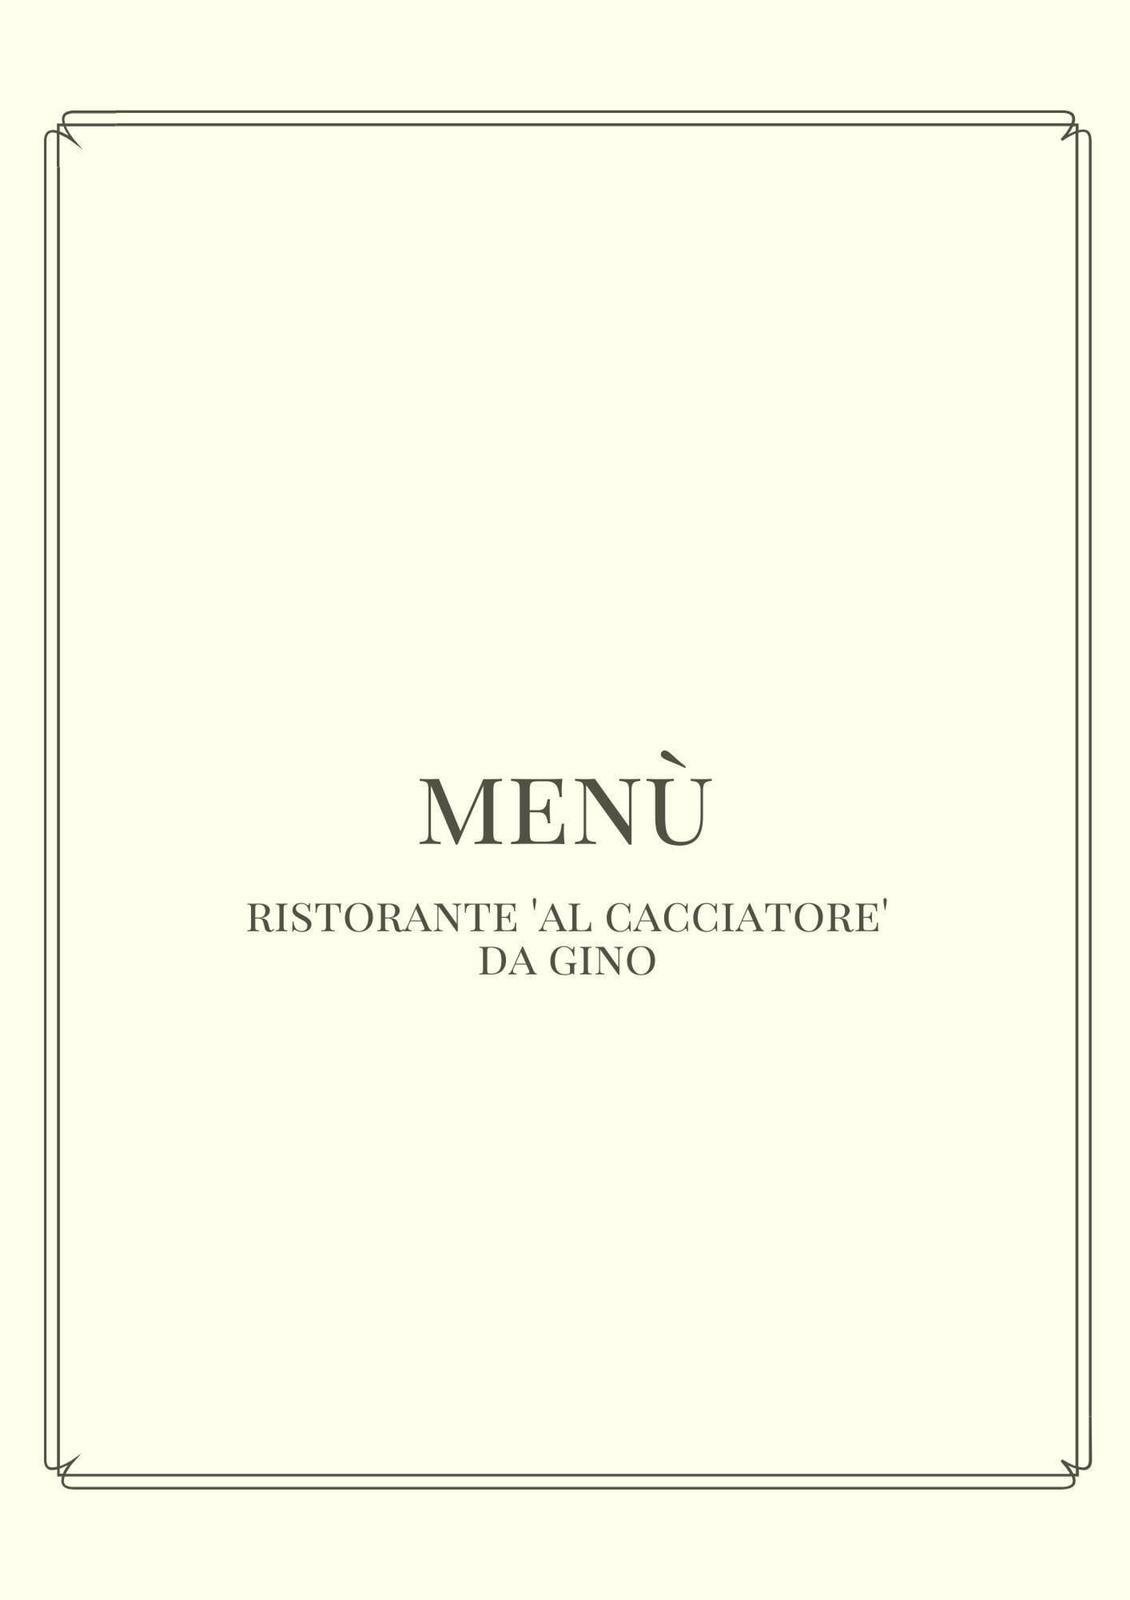 menu-carta1